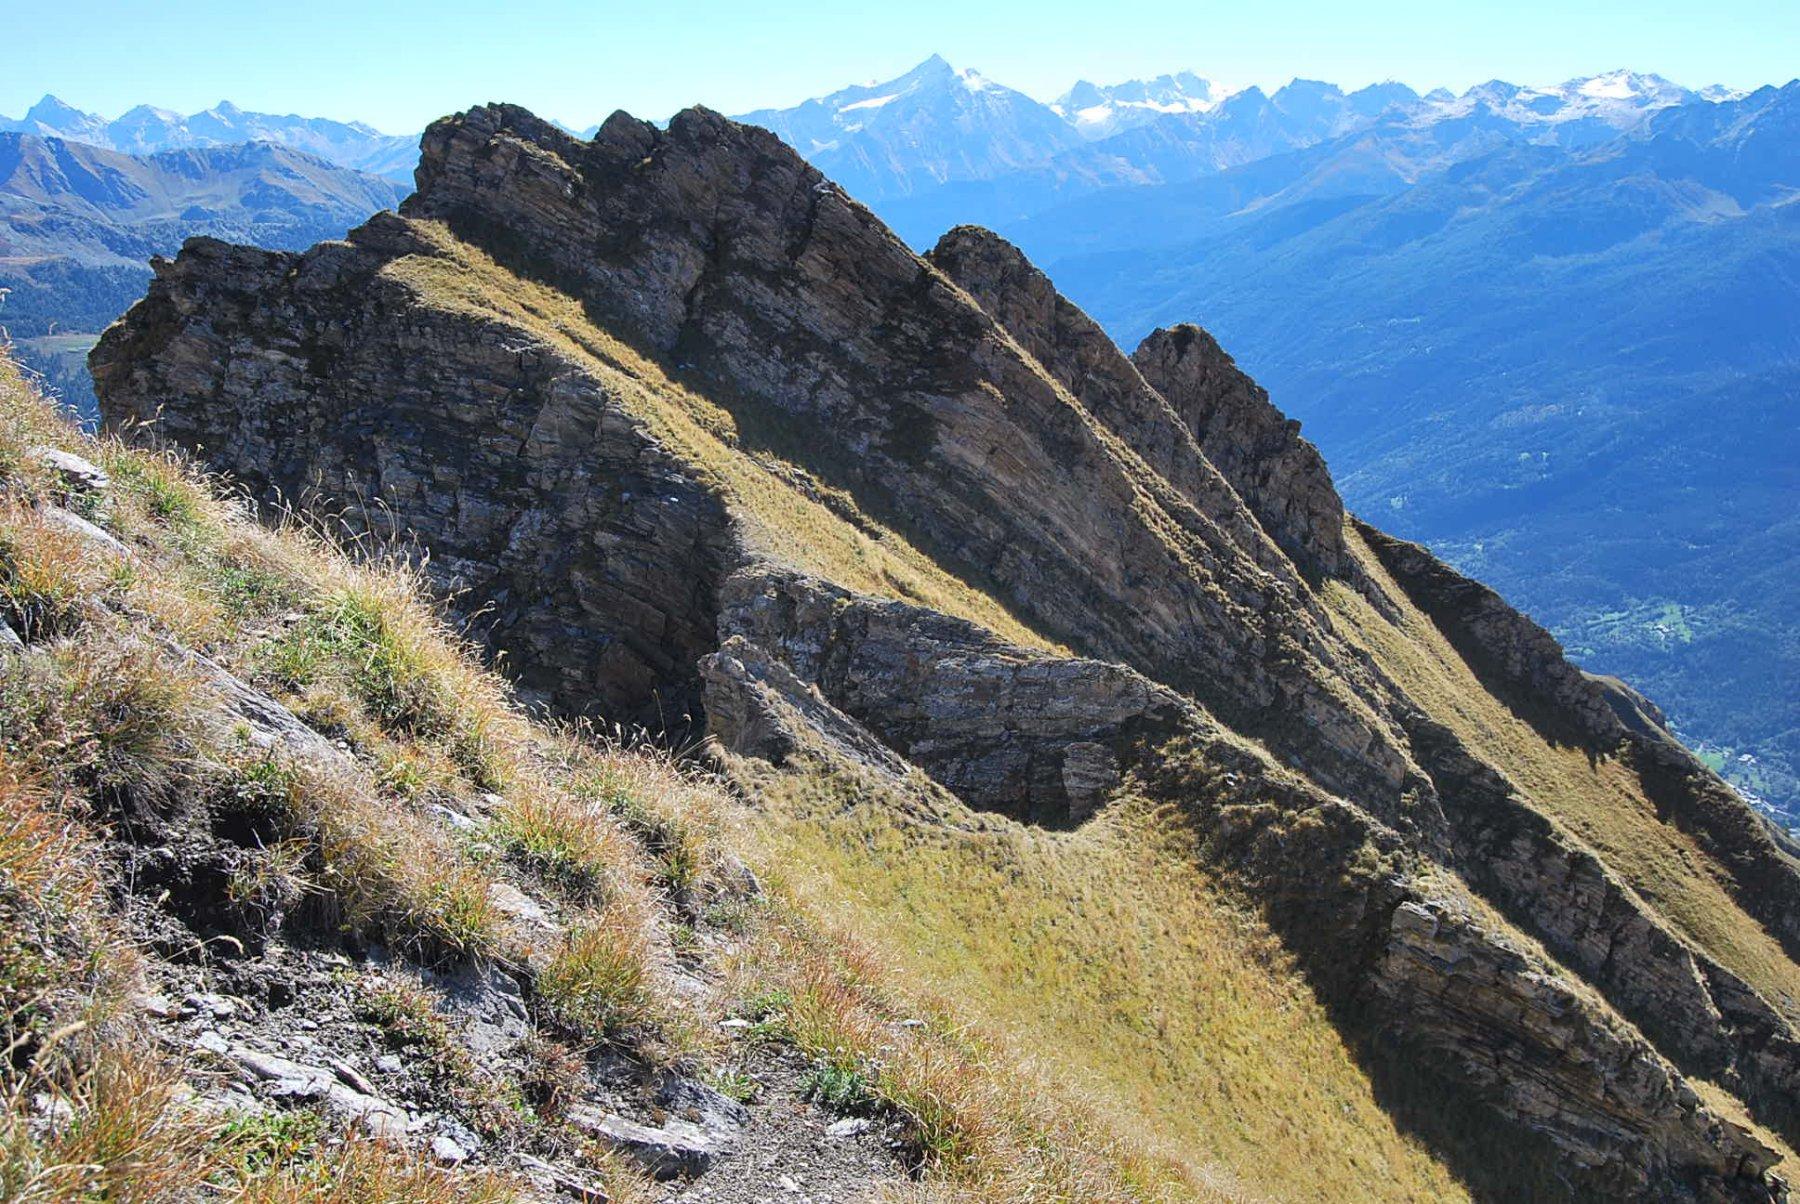 Circa a metà percorso, la cresta vista a ritroso. La vera difficoltà: trovare il punto giusto dove superare gli intagli